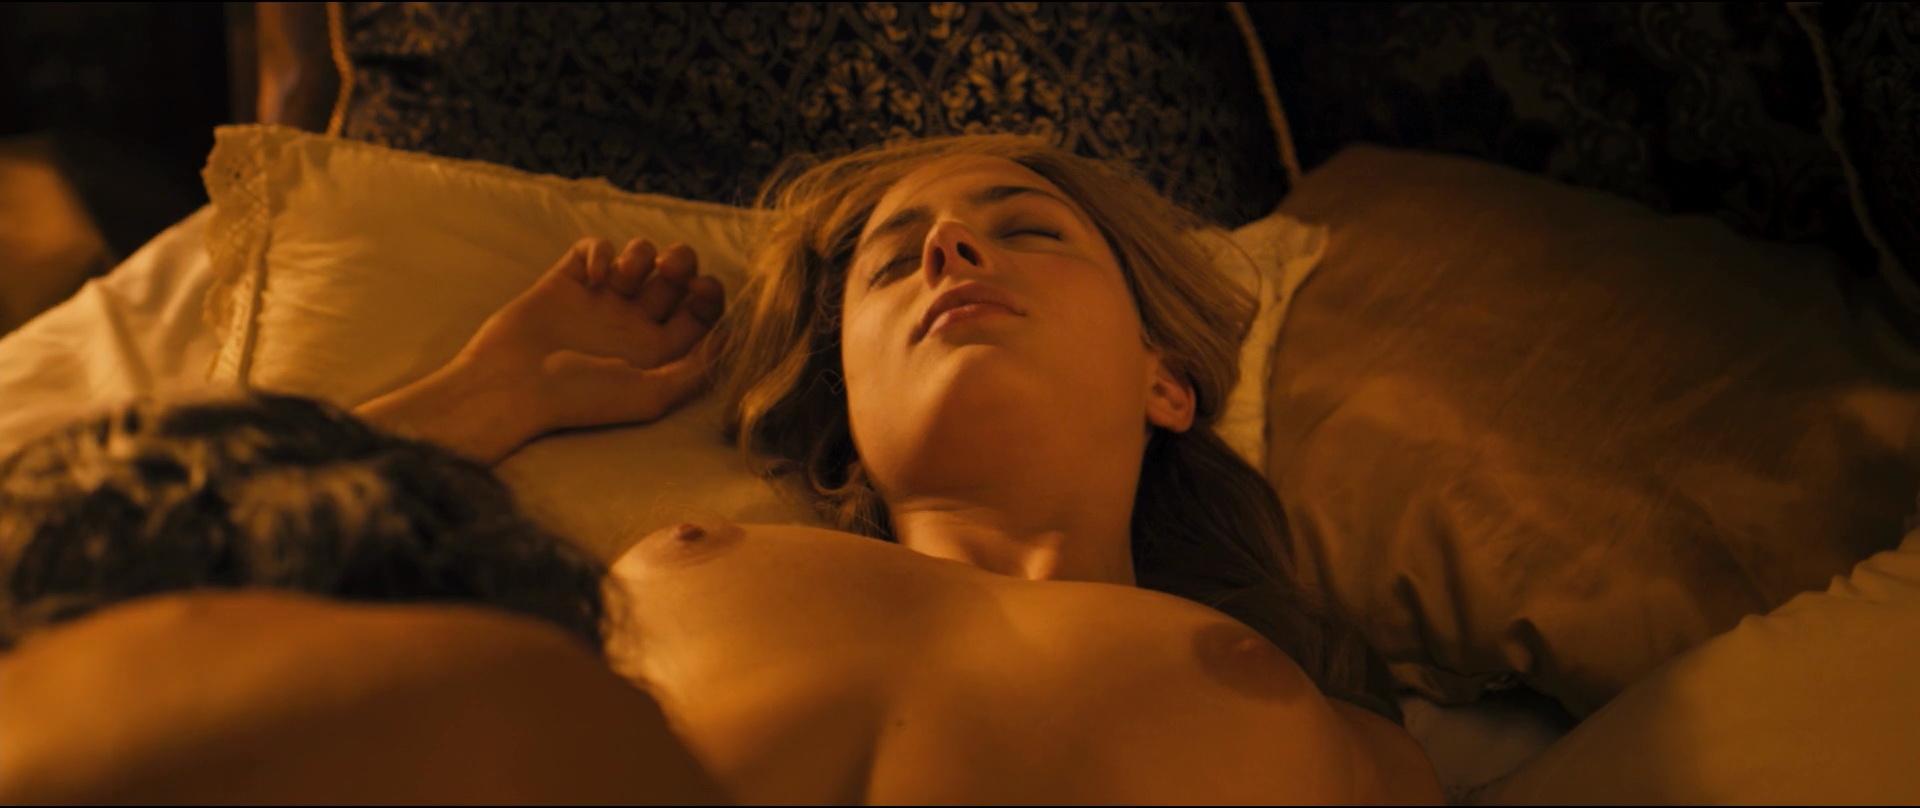 Sonya walger nude